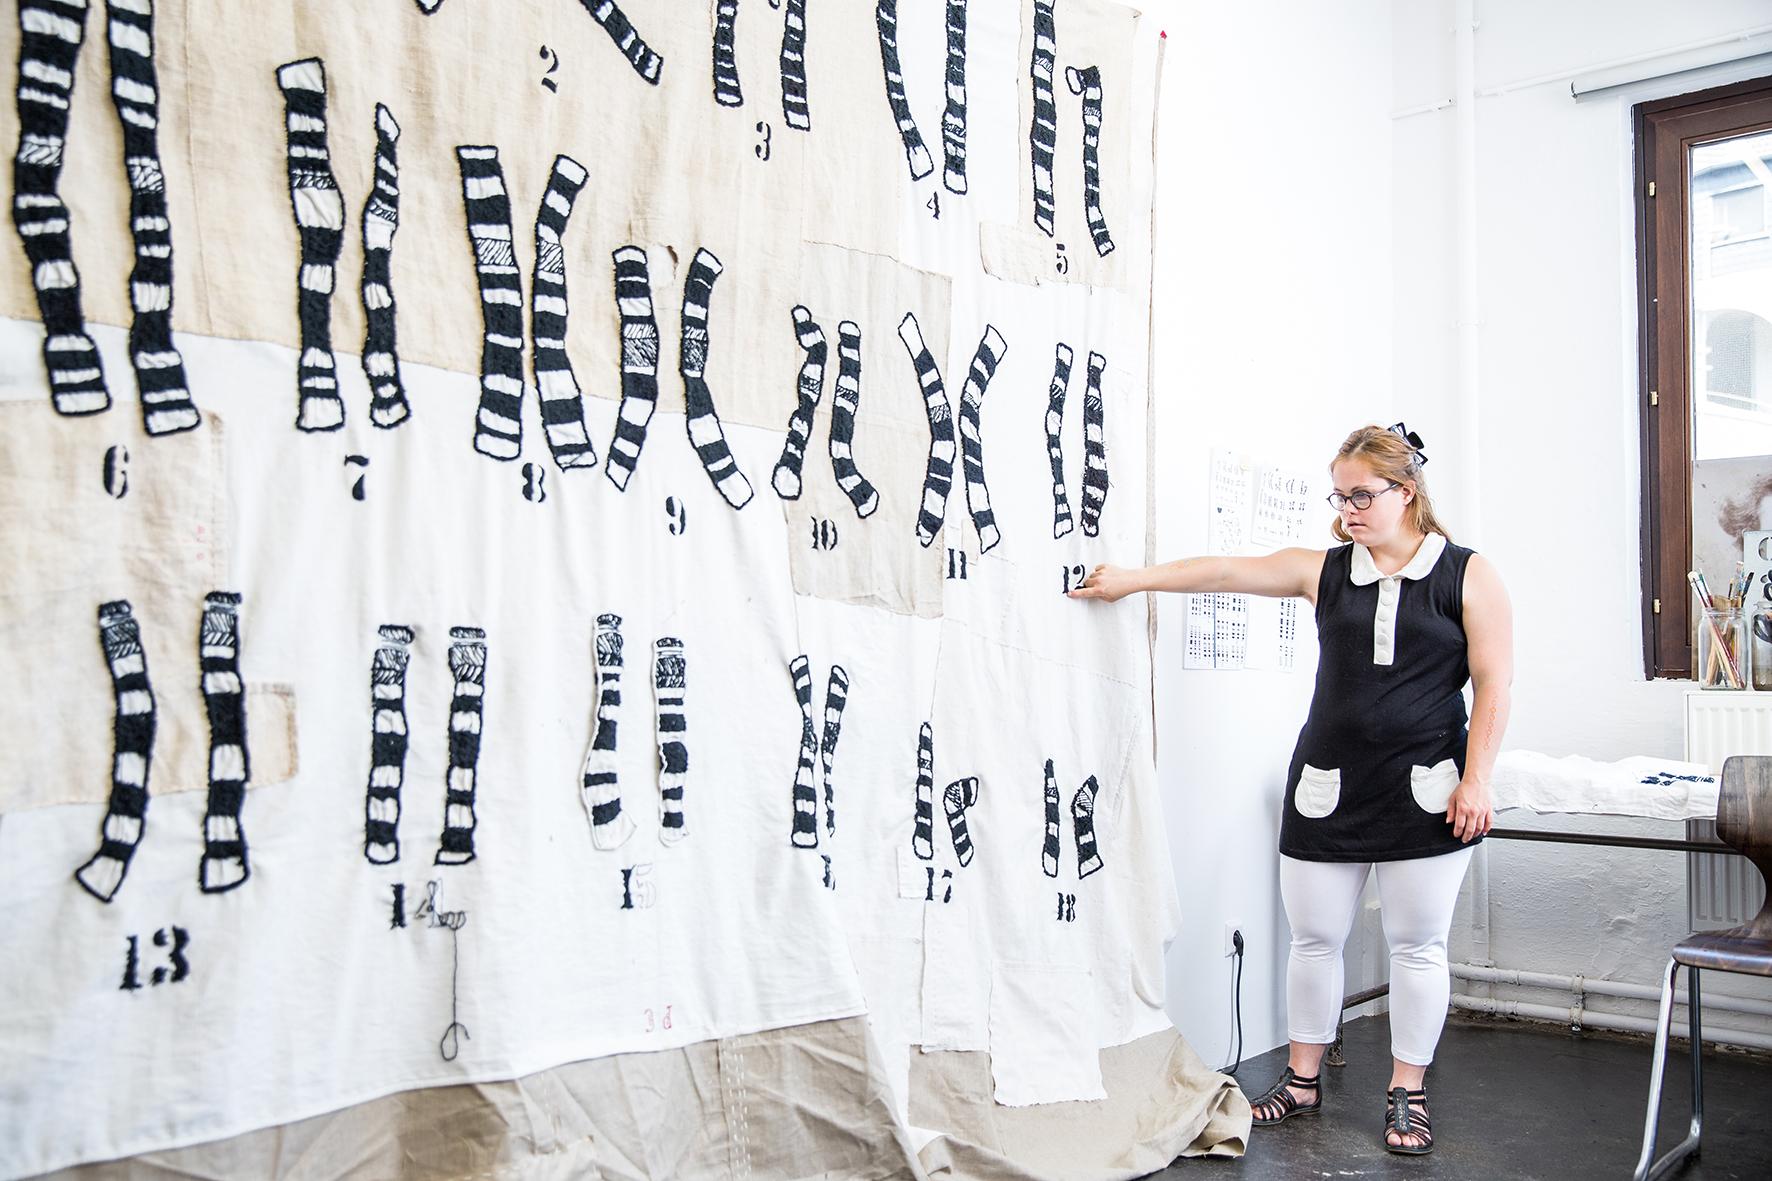 Frau mit Down-Syndrom erläutert den Chromosomen-Wandteppich